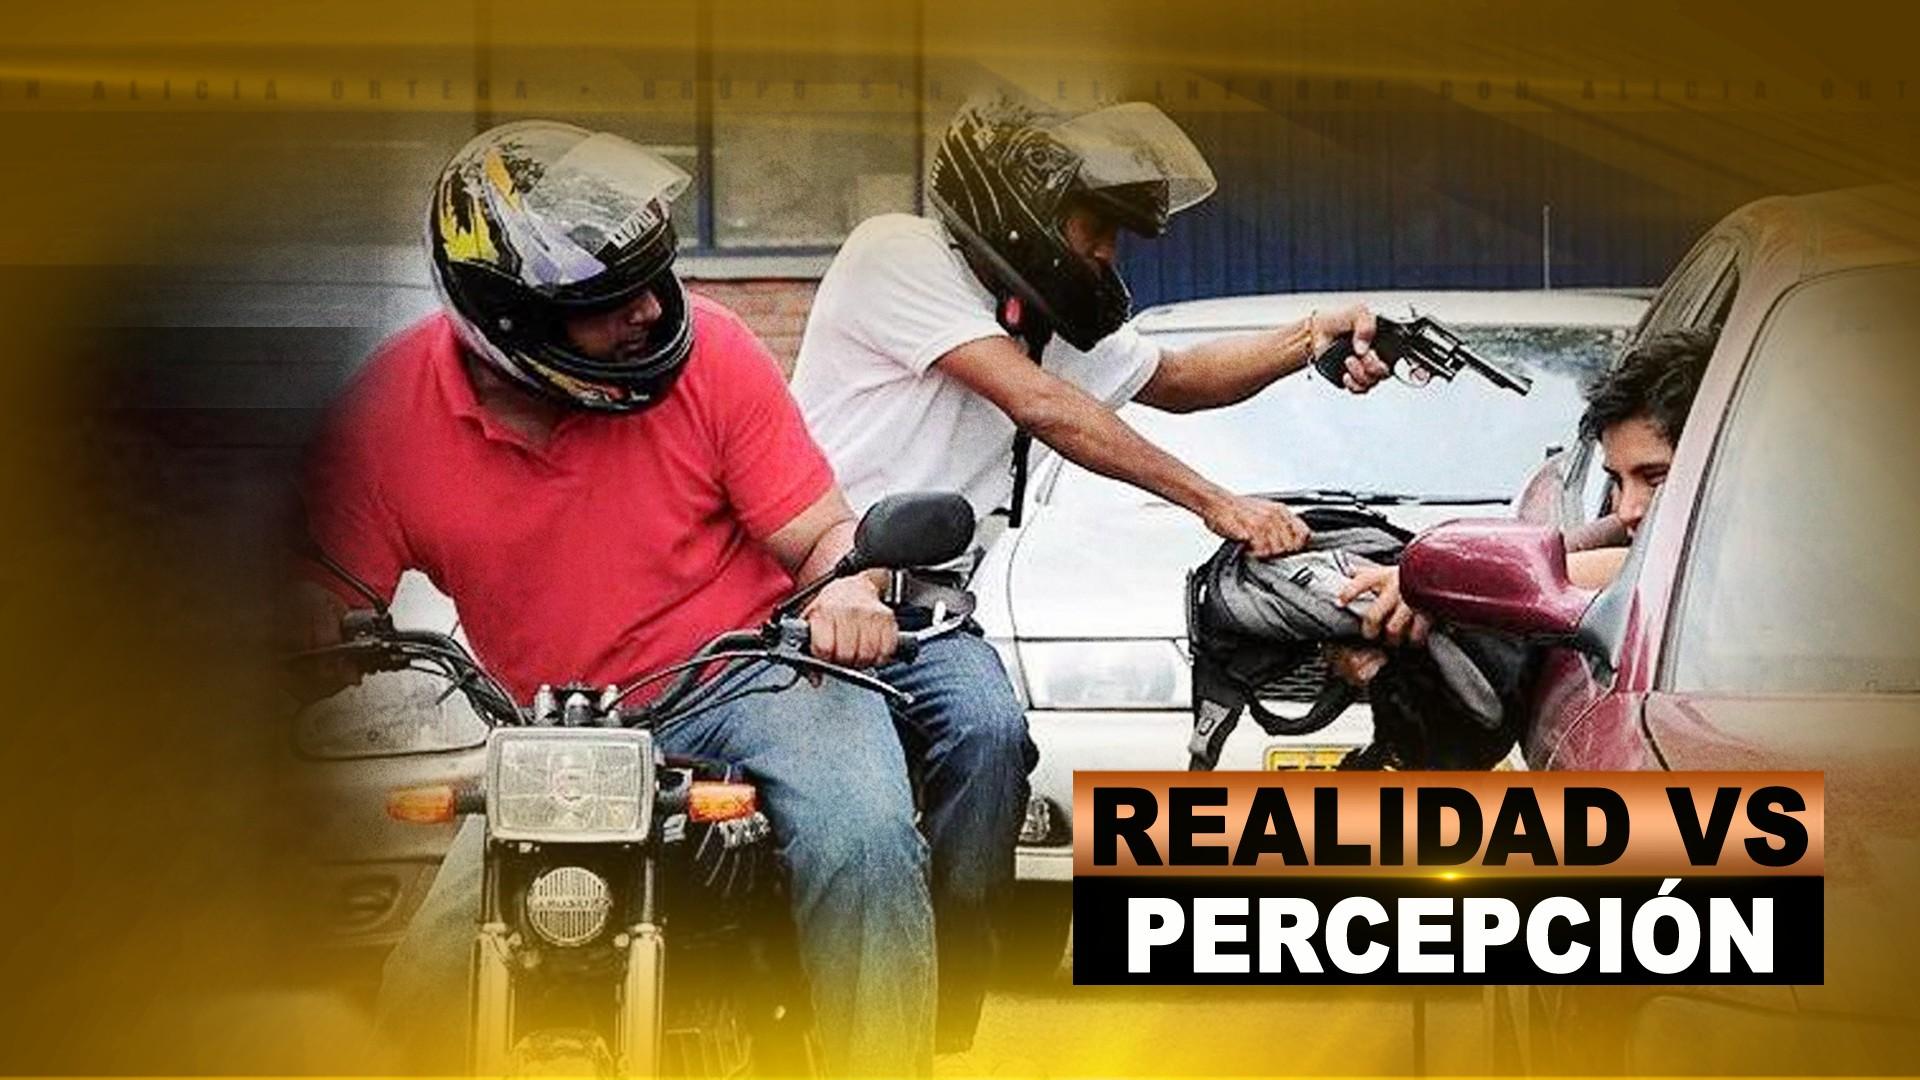 REALIDAD VS PERCEPCIÓN